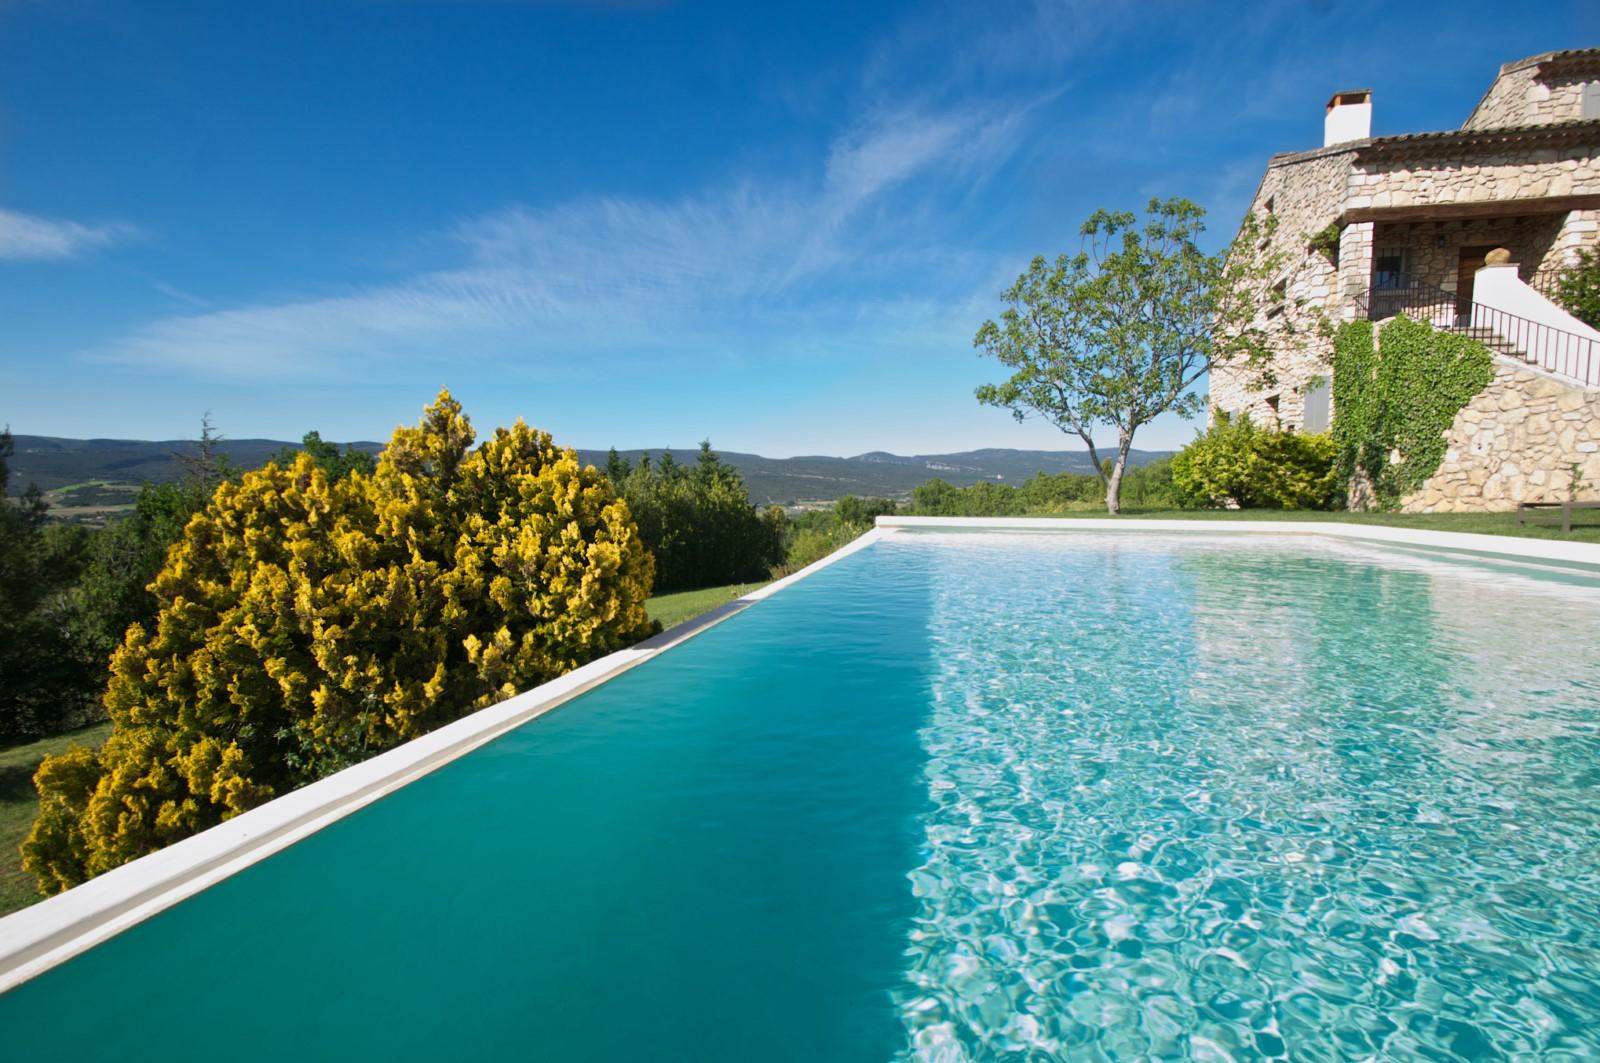 Piscine de rêve pour vacances luxueuses en Provence